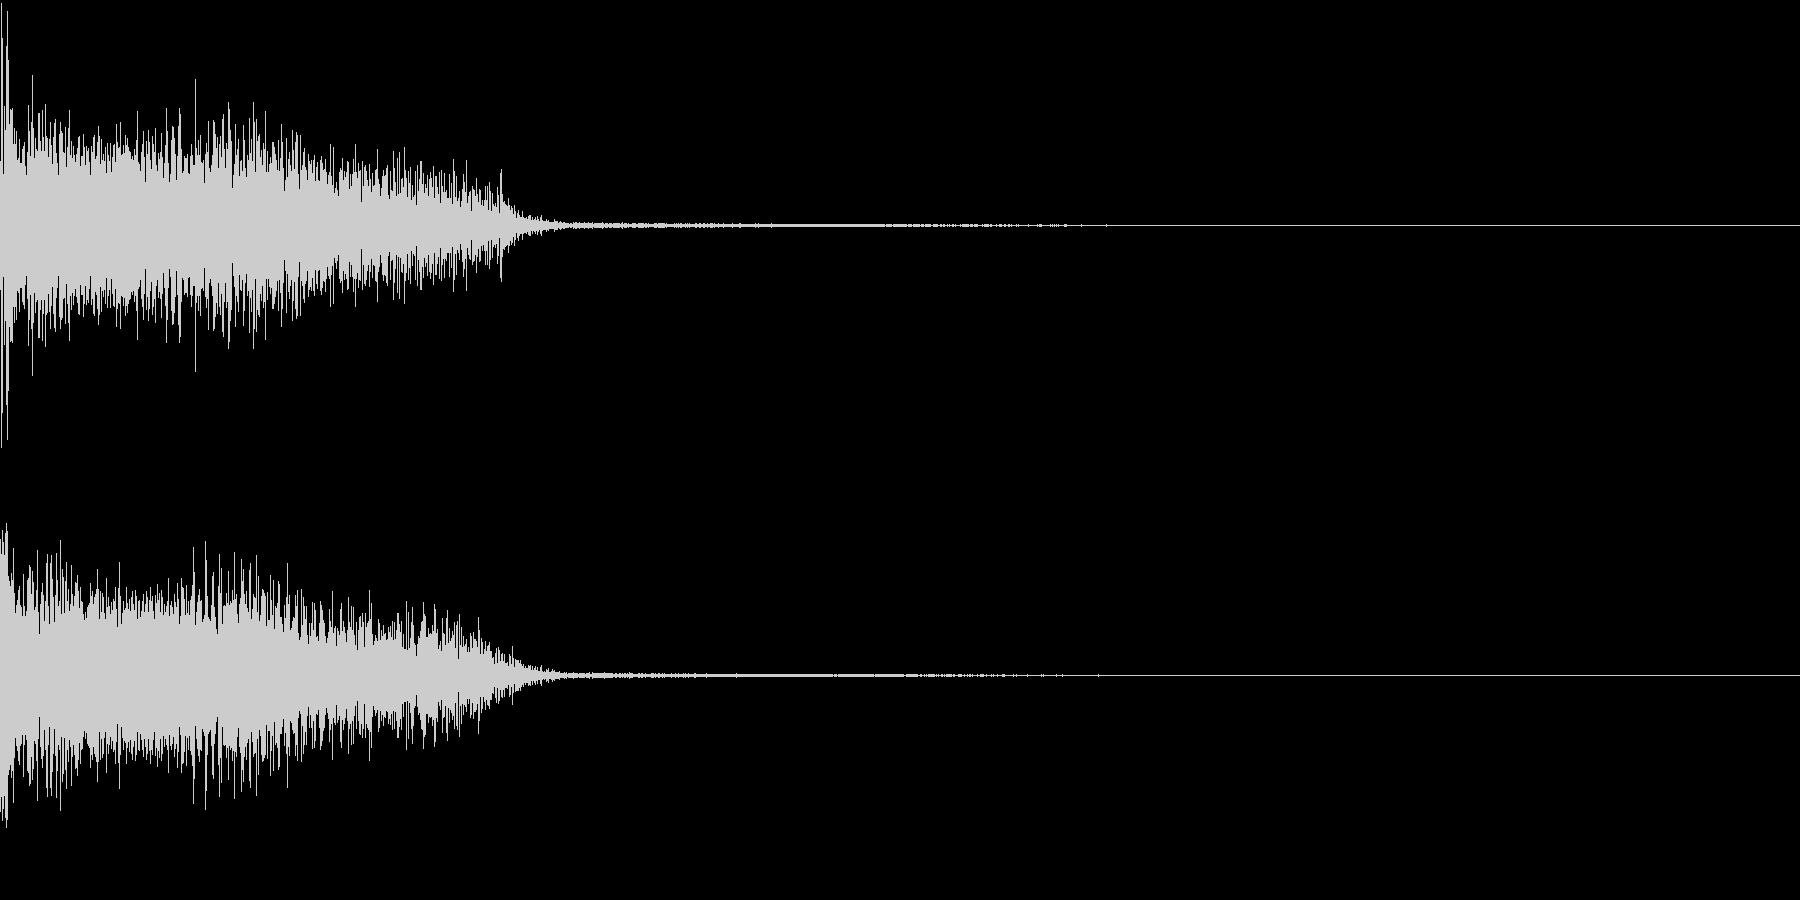 InvaderBuzz 発砲音 14の未再生の波形